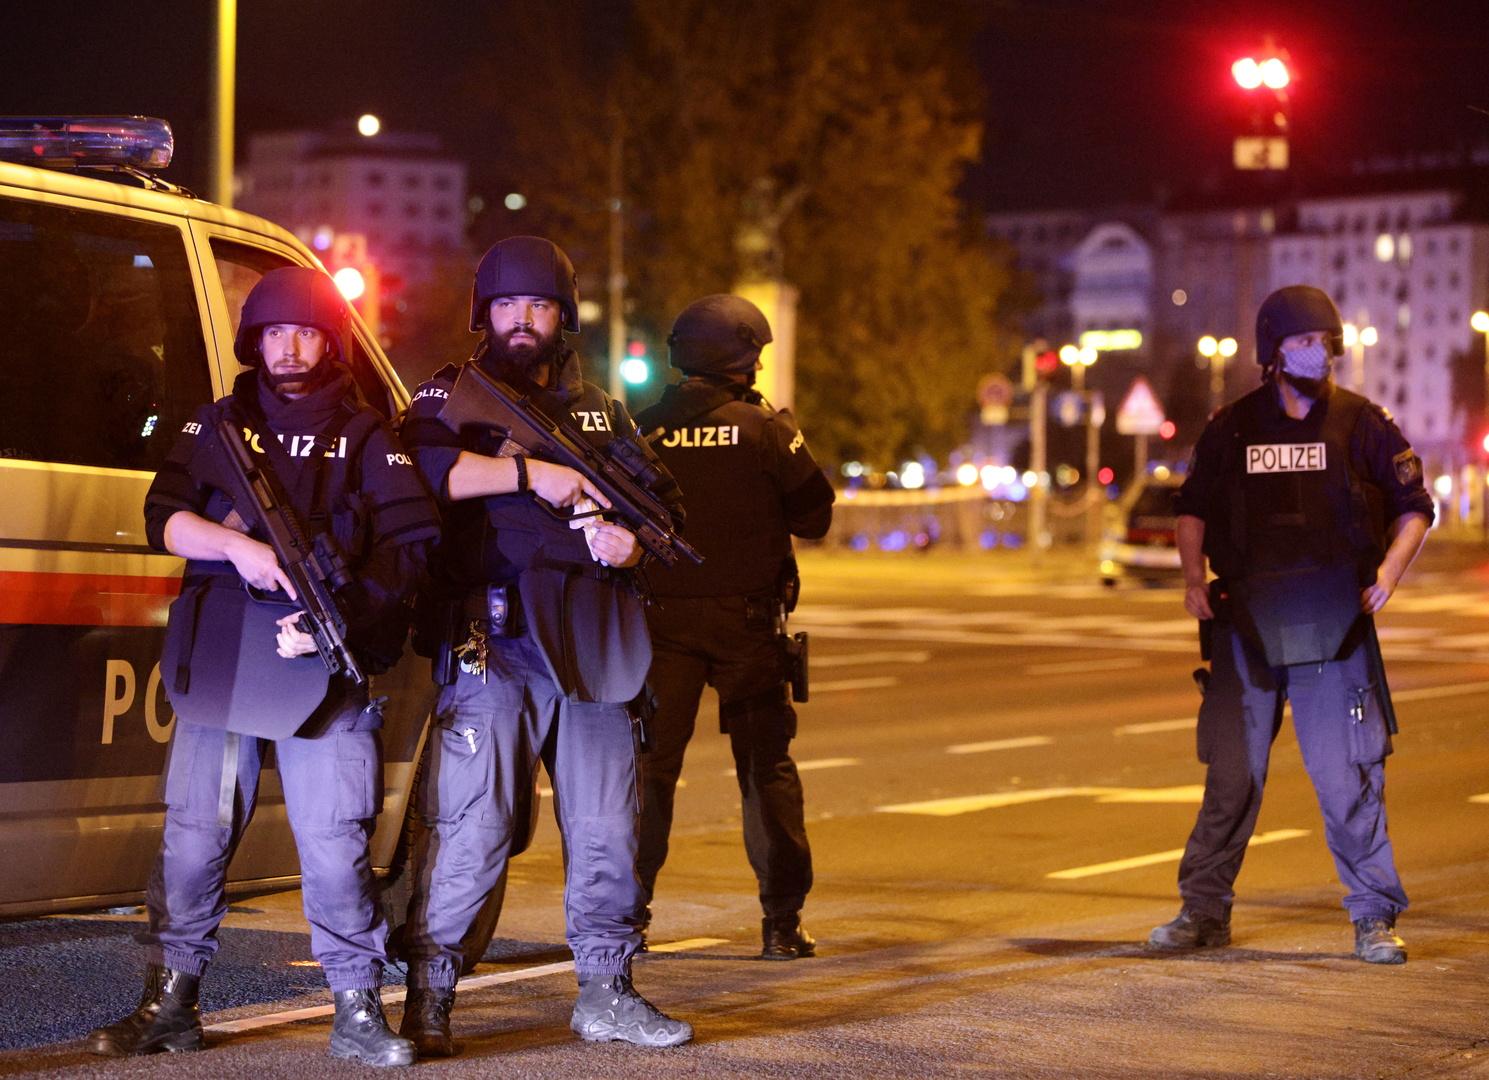 السلطات النمساوية: لا يمكننا تأكيد المعلومات حول احتجاز 4 مشاركين في تنفيذ هجوم فيينا